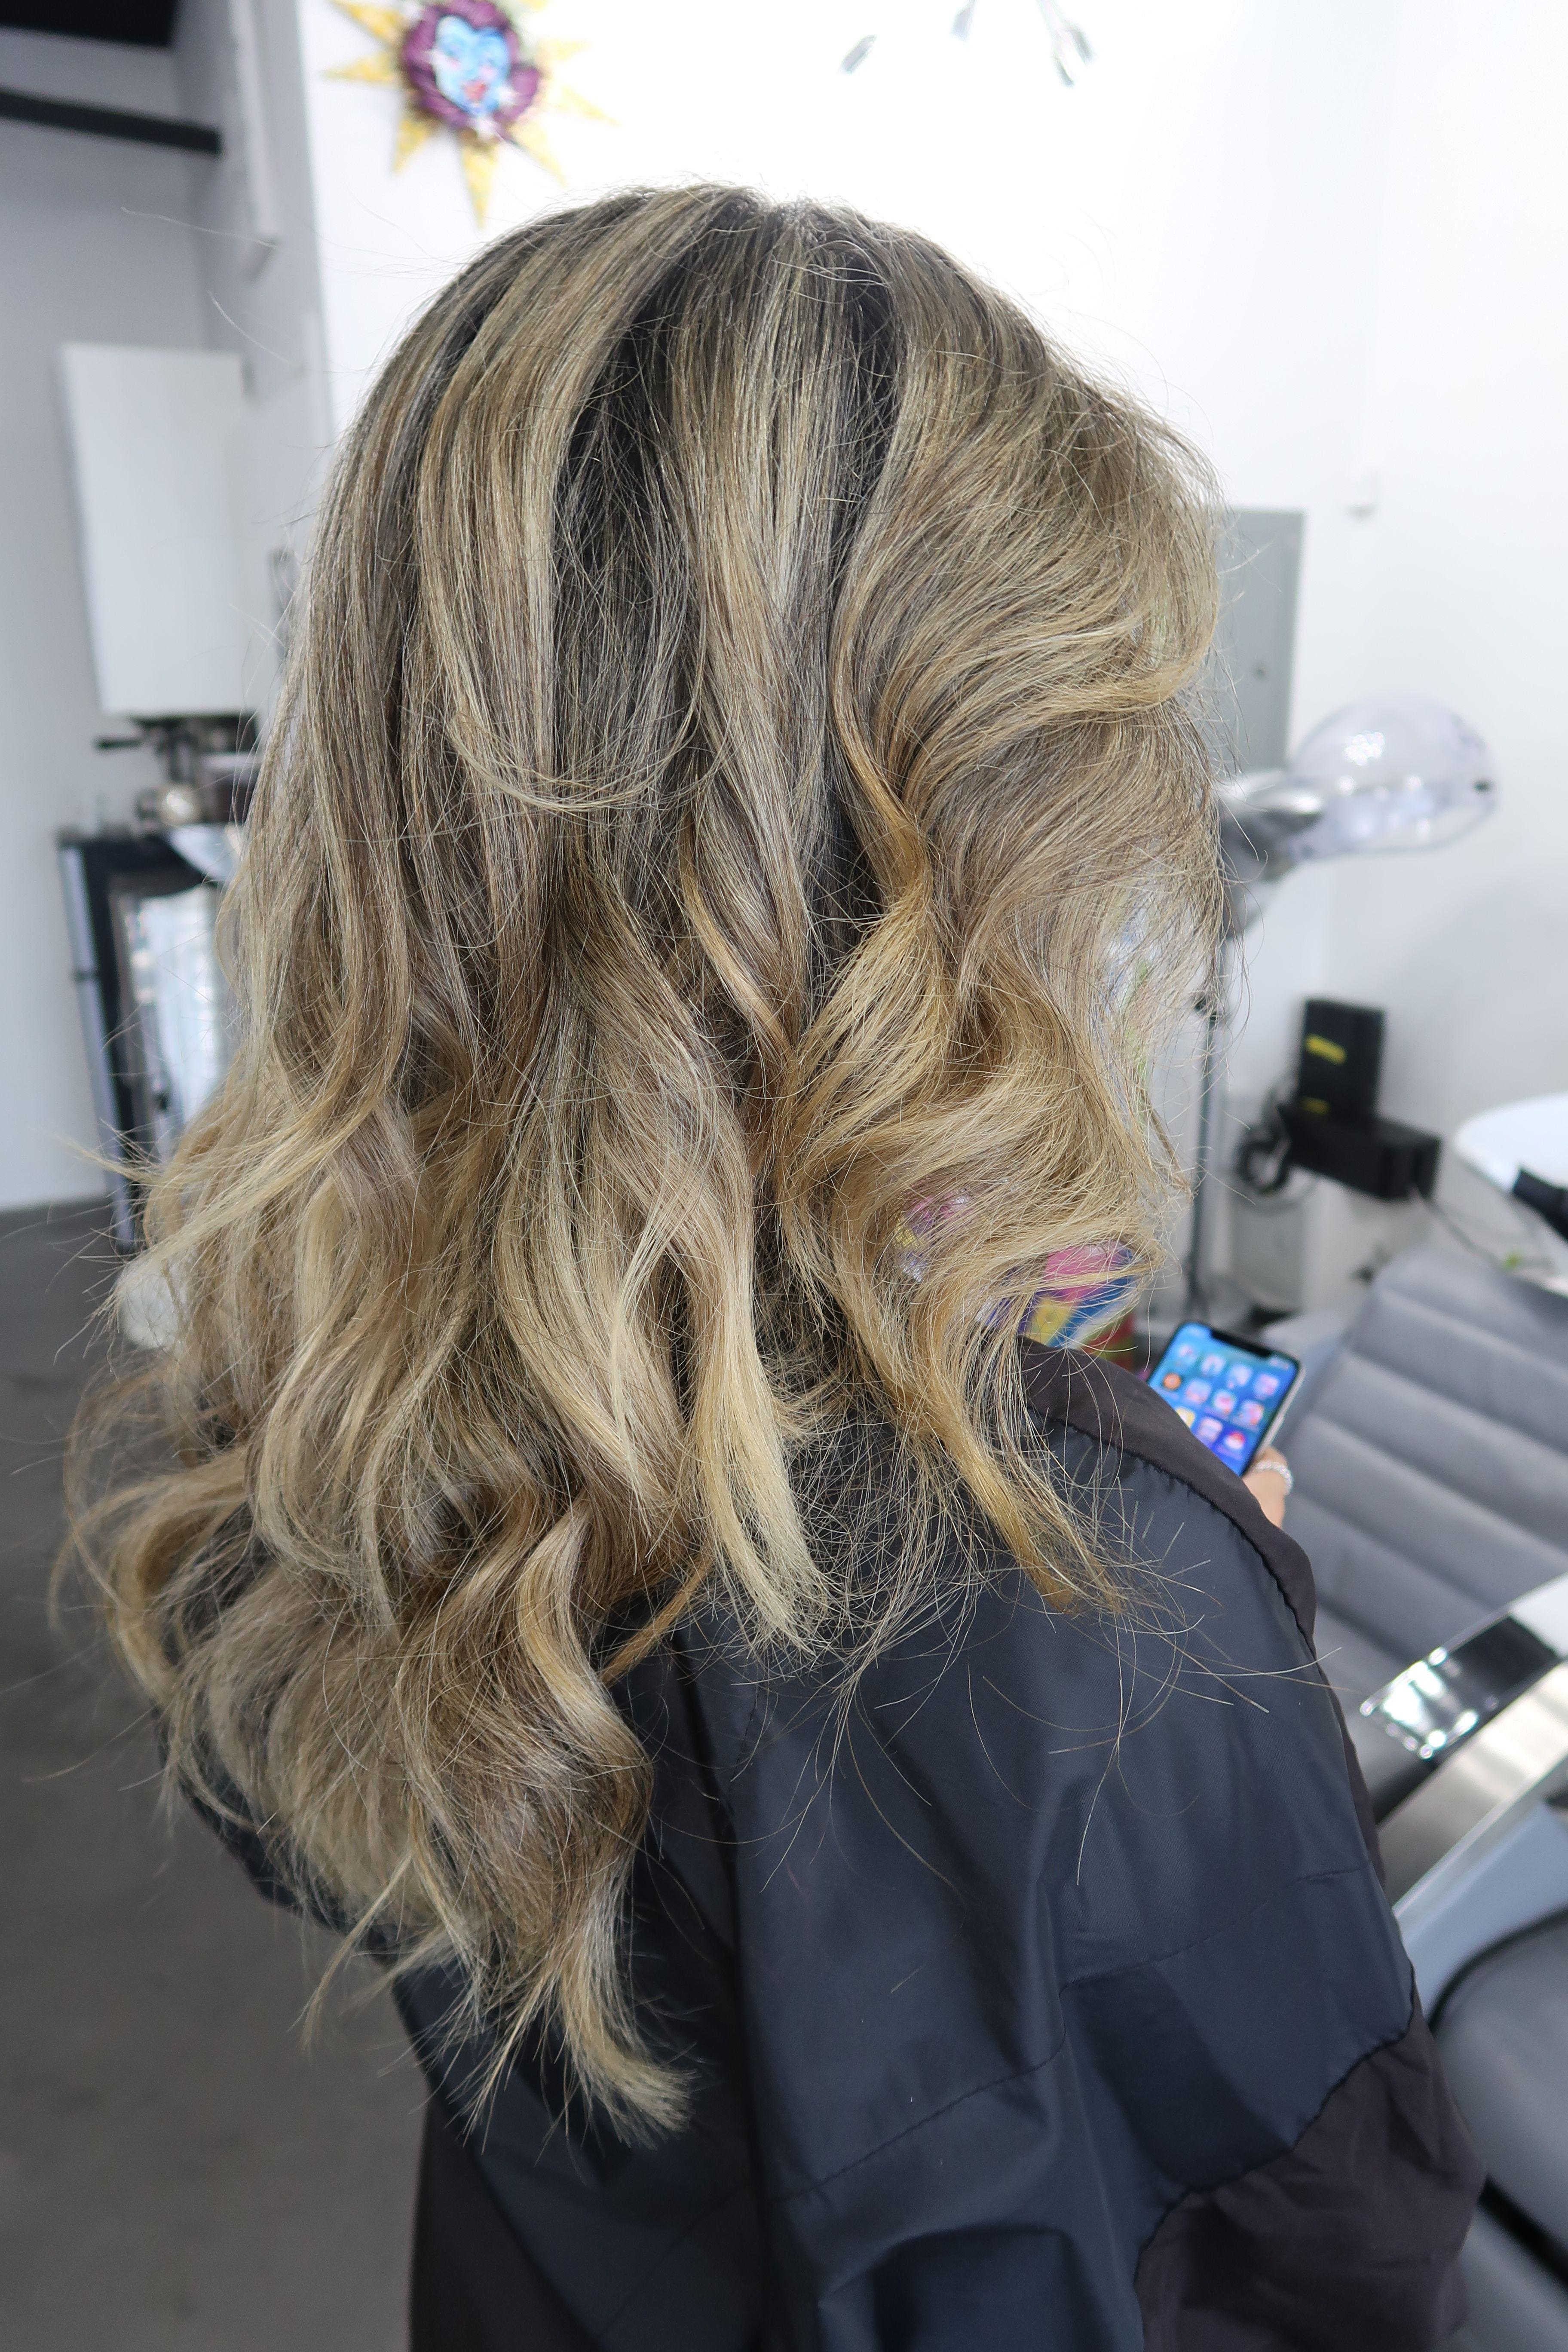 Hair Extensions Clip In Near Me Against Hair Salon Moreno Valley Her Hair Salon Near Me Highlights Brown Hair Colors Natural Hair Styles Coffee Brown Hair